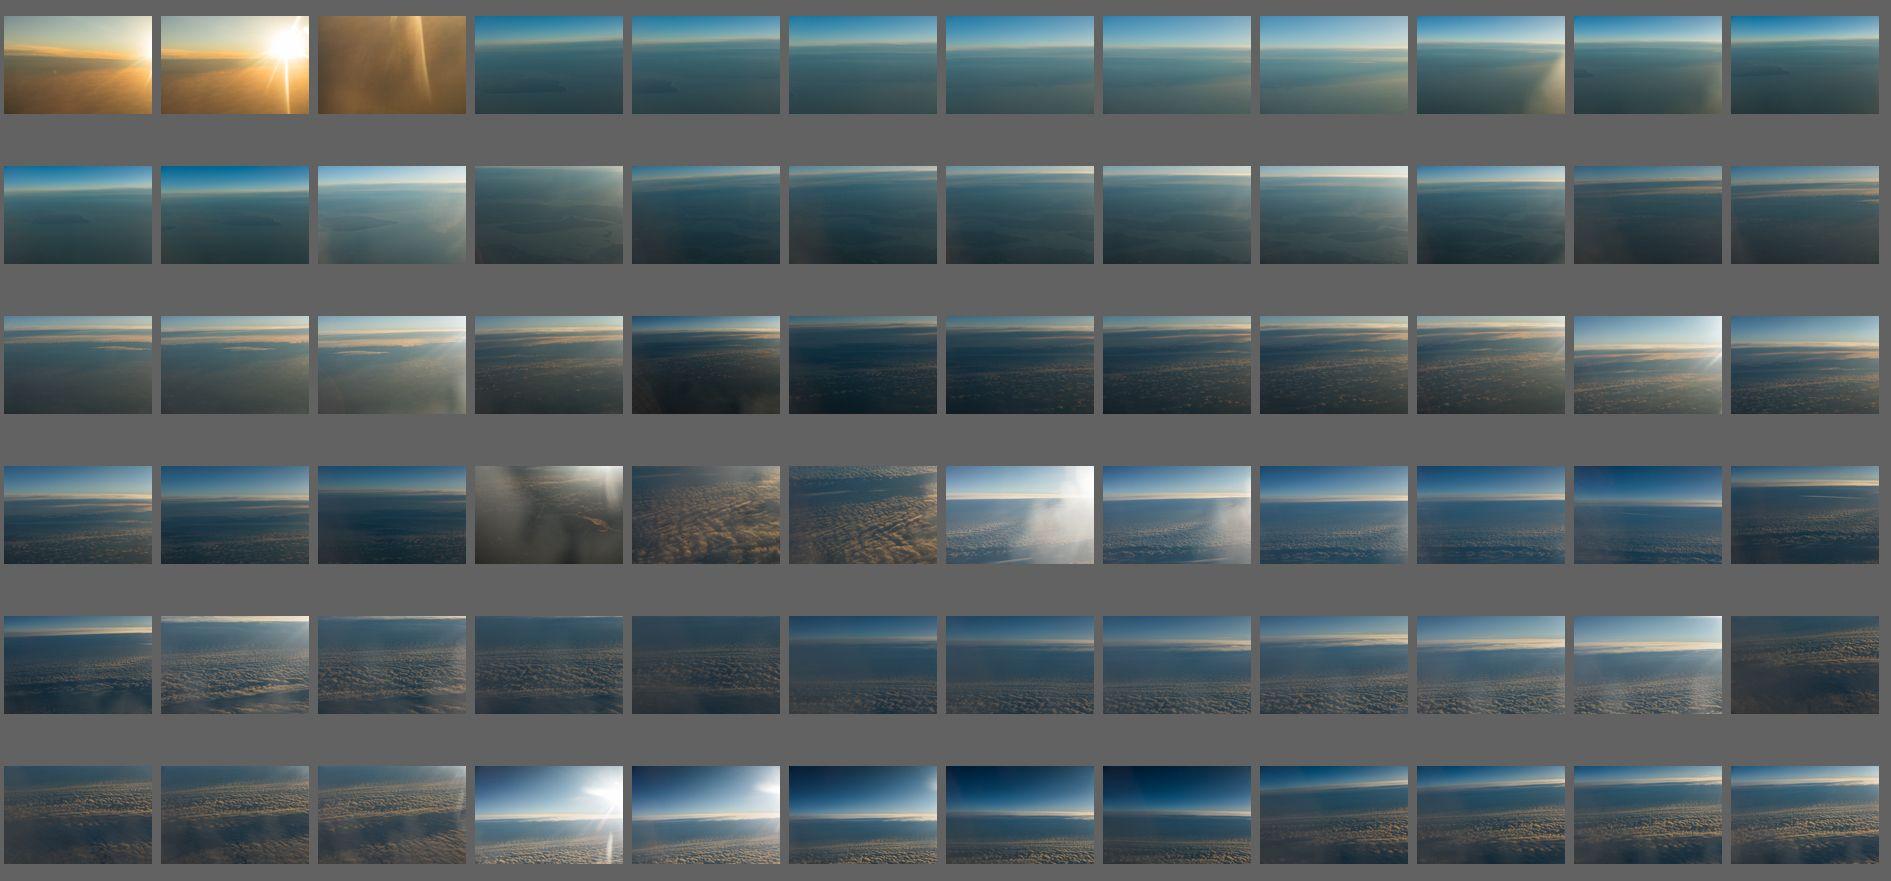 دانلود رایگان تصویر آسمانابری پانوراما Aerial Clouds vol.7